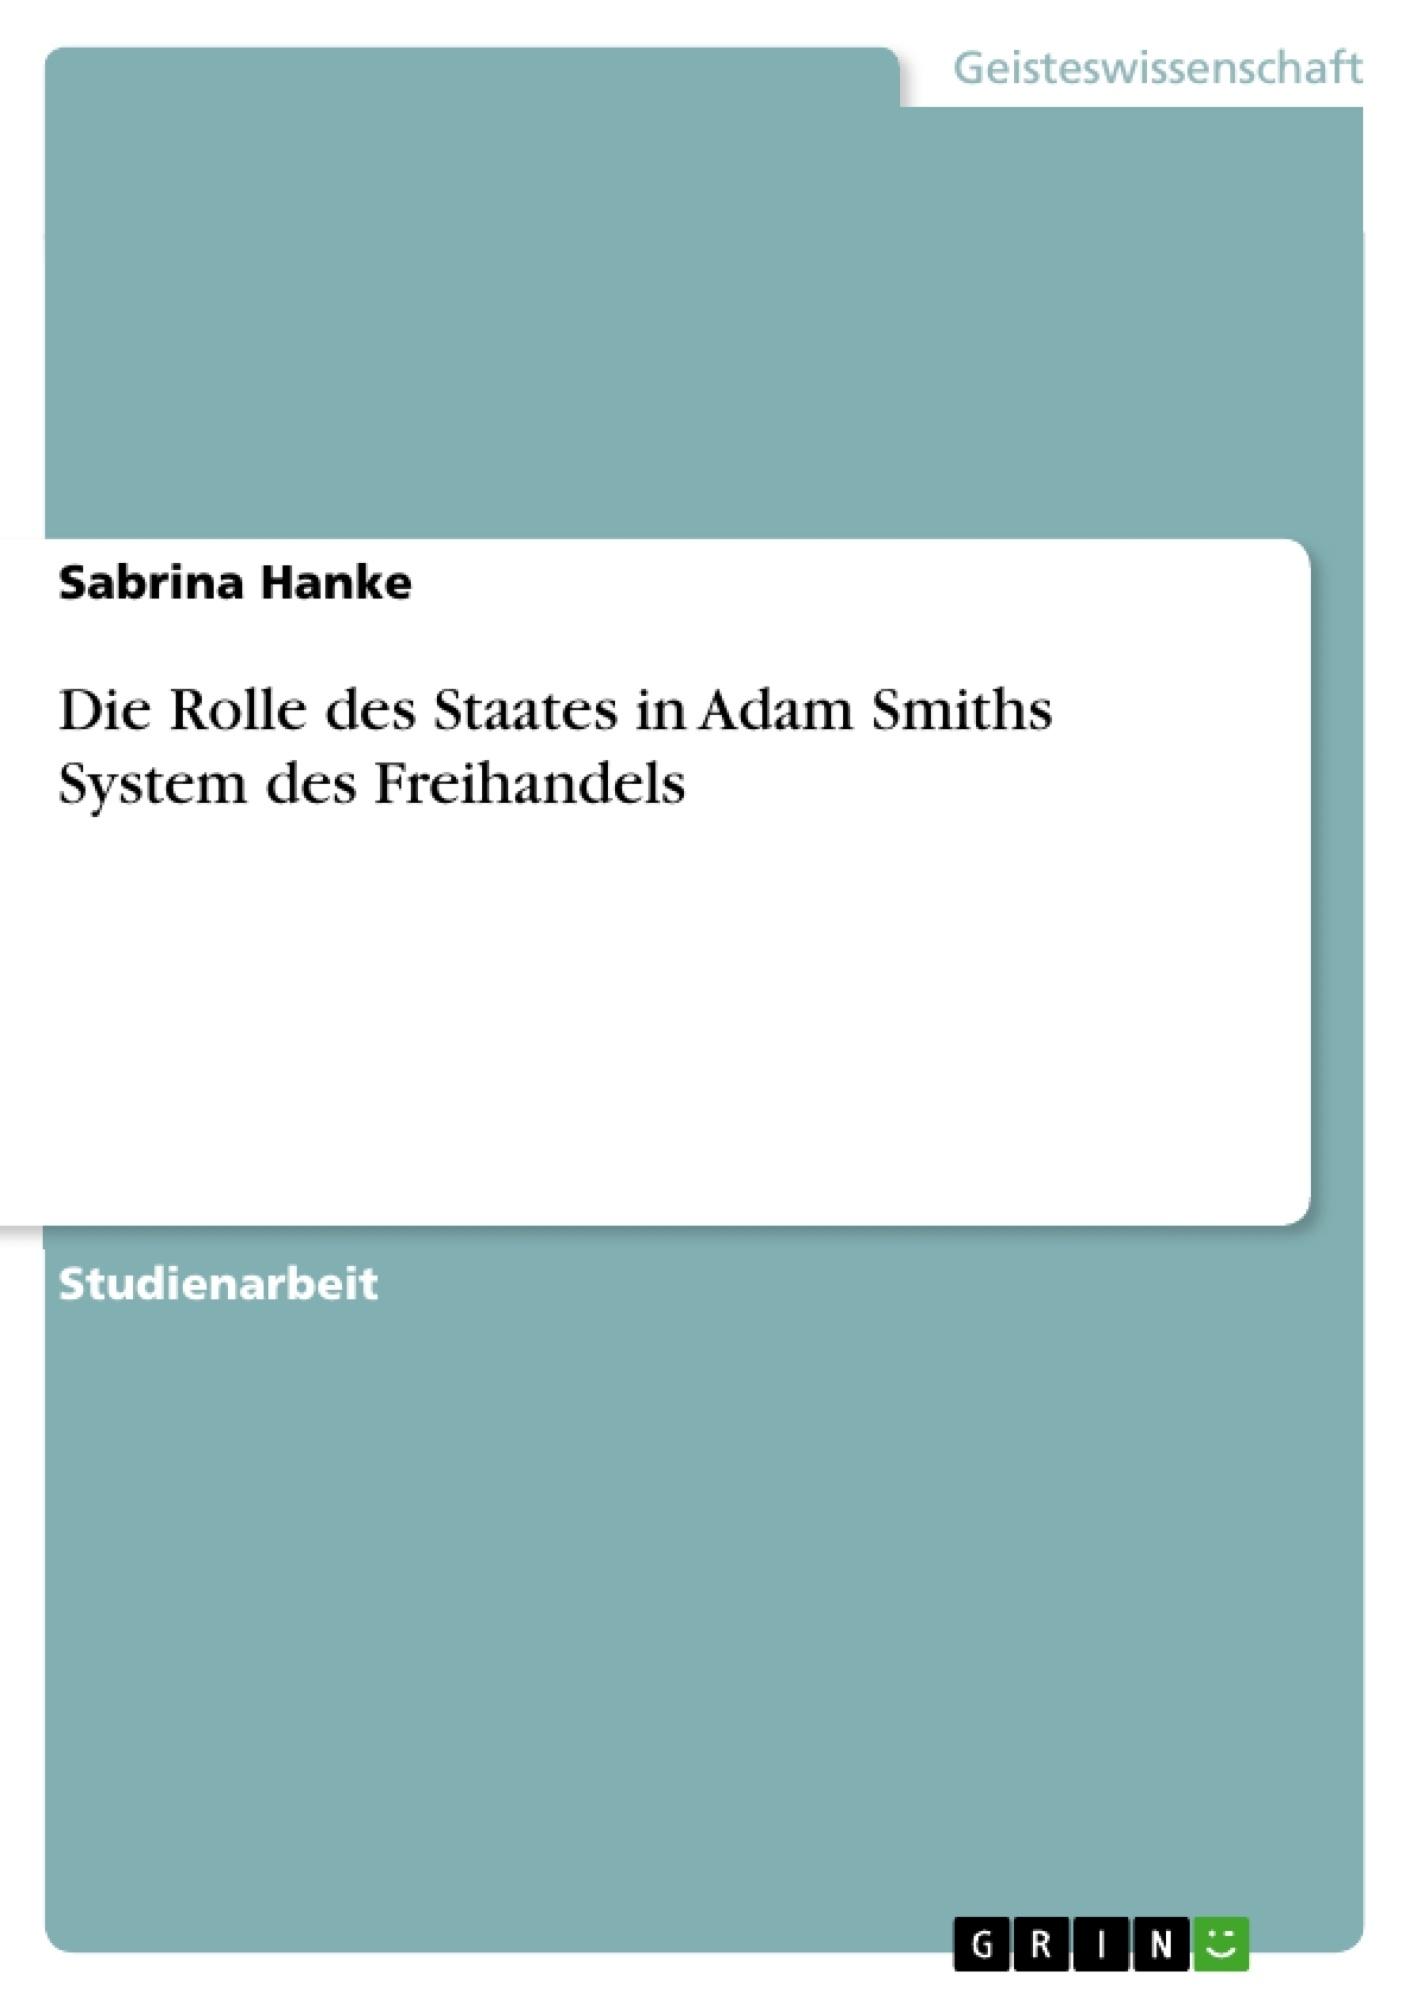 Titel: Die Rolle des Staates in Adam Smiths System des Freihandels